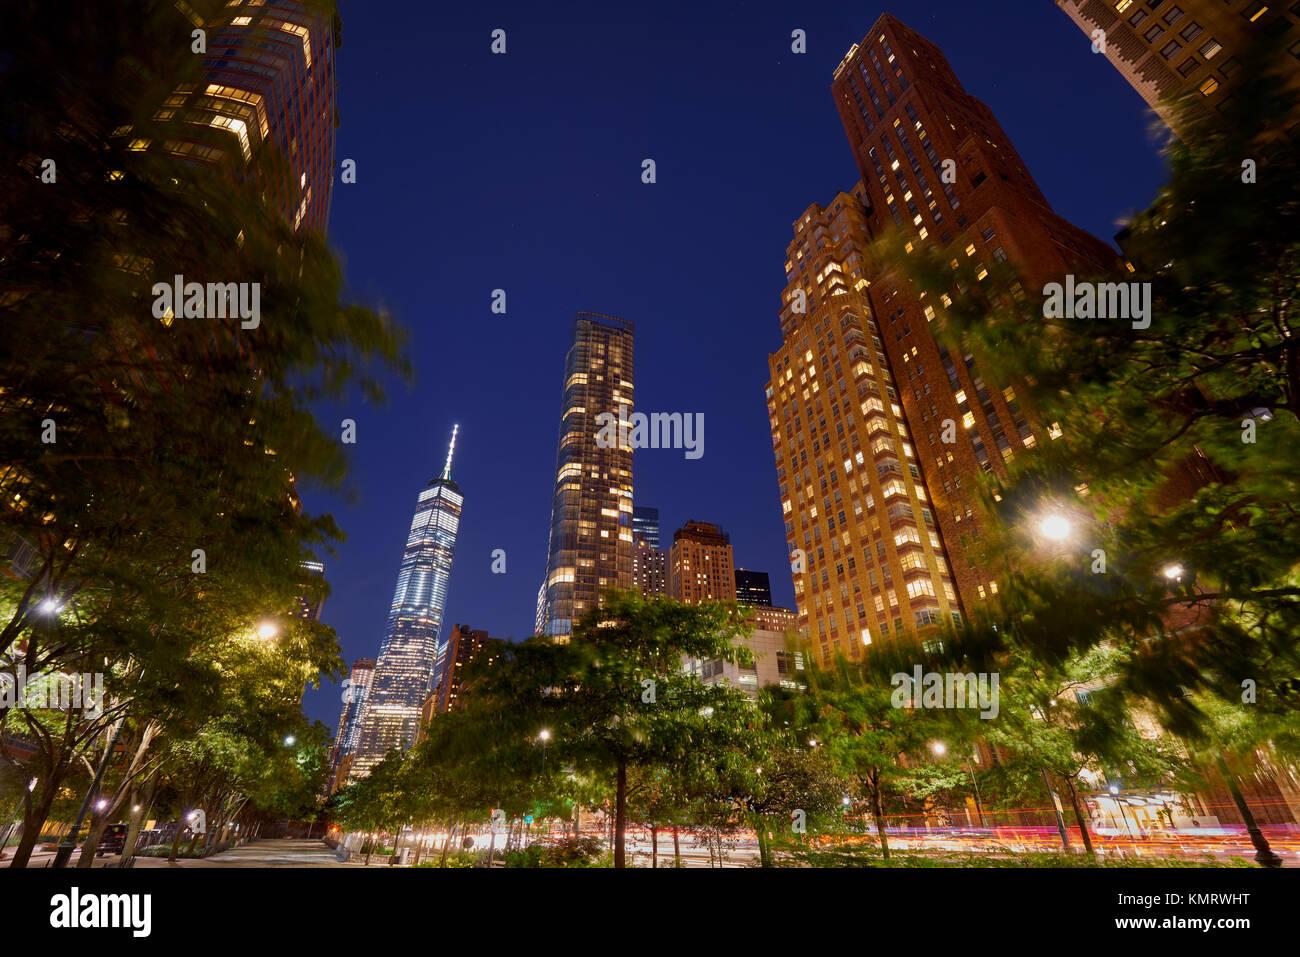 West Street en el Bajo Manhattan con sus skyscrapeers (50 West Street y One World Trade Center) en el crepúsculo. Distrcit financiera, la ciudad de Nueva York Foto de stock